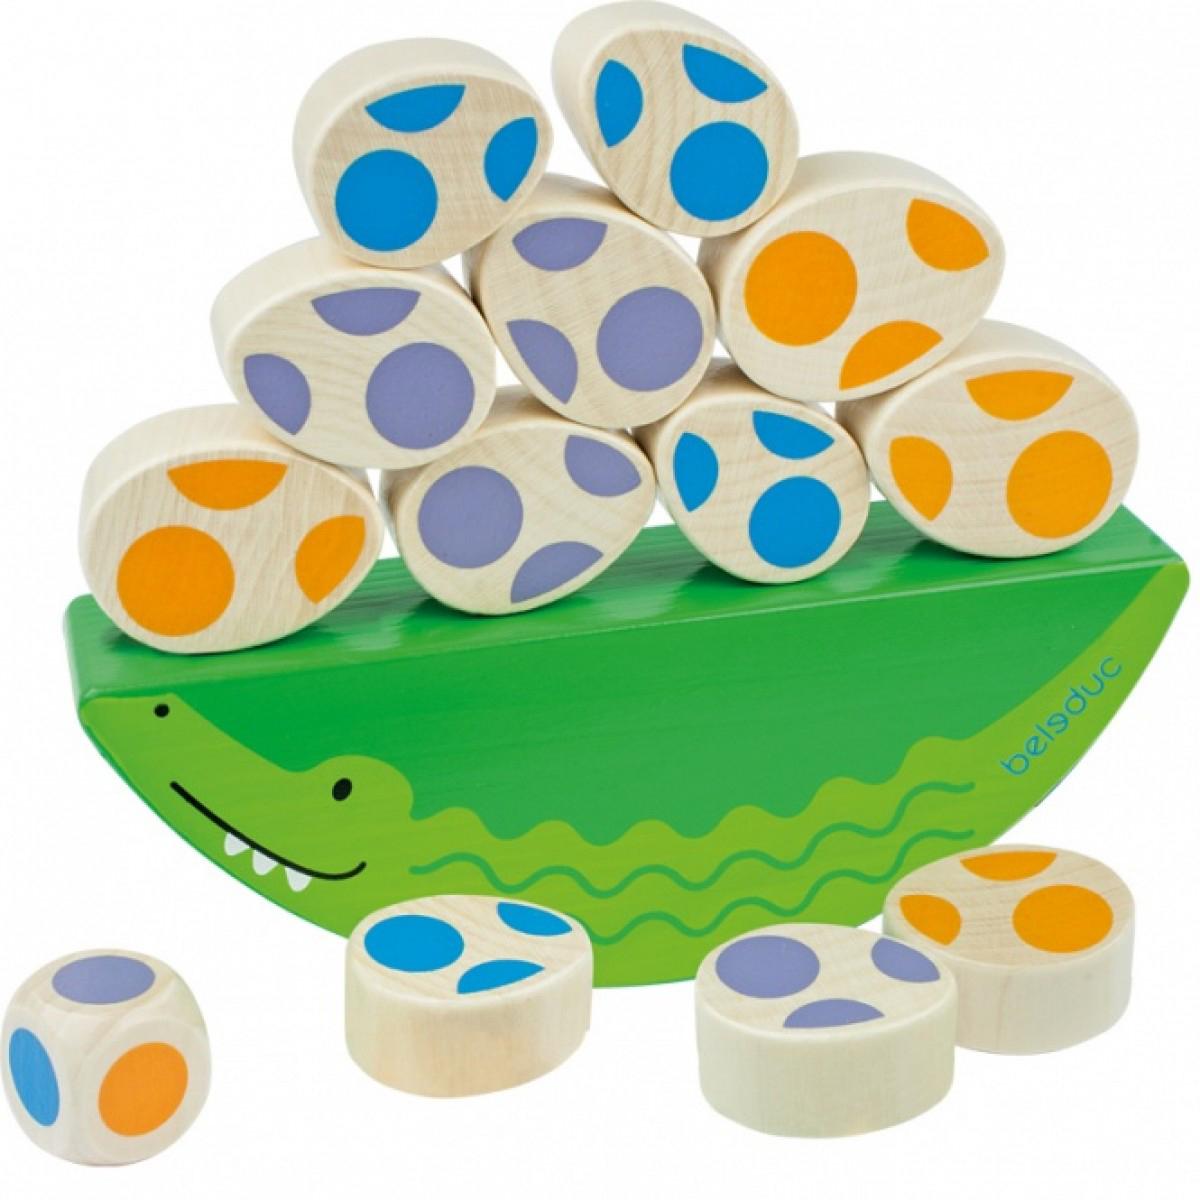 Beleduc Развивающая игрушка Веселый крокодильчик beleduc обучающая игра кухня магов xxl